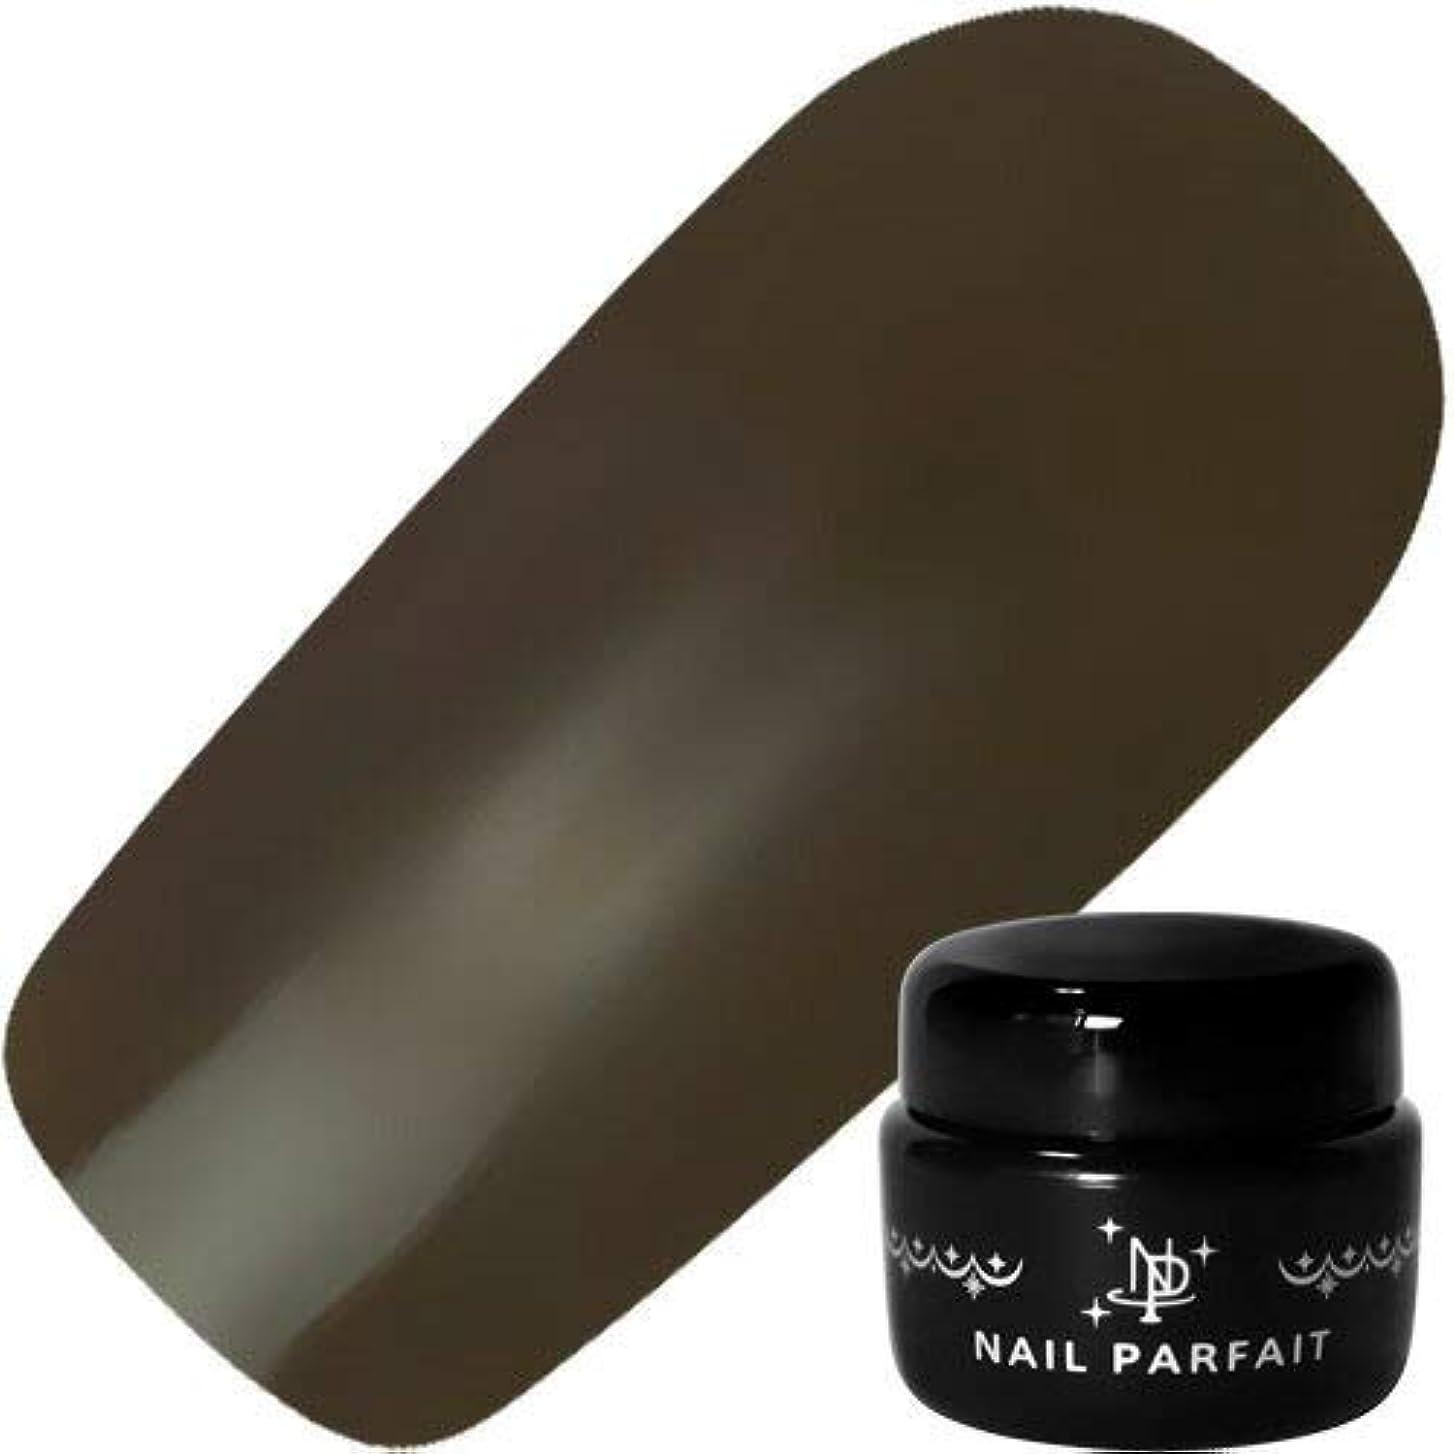 サスペンド炭水化物論理的にNAIL PARFAIT ネイルパフェ カラージェル T02 トールブラウン 2g 【ジェル/カラージェル?ネイル用品】